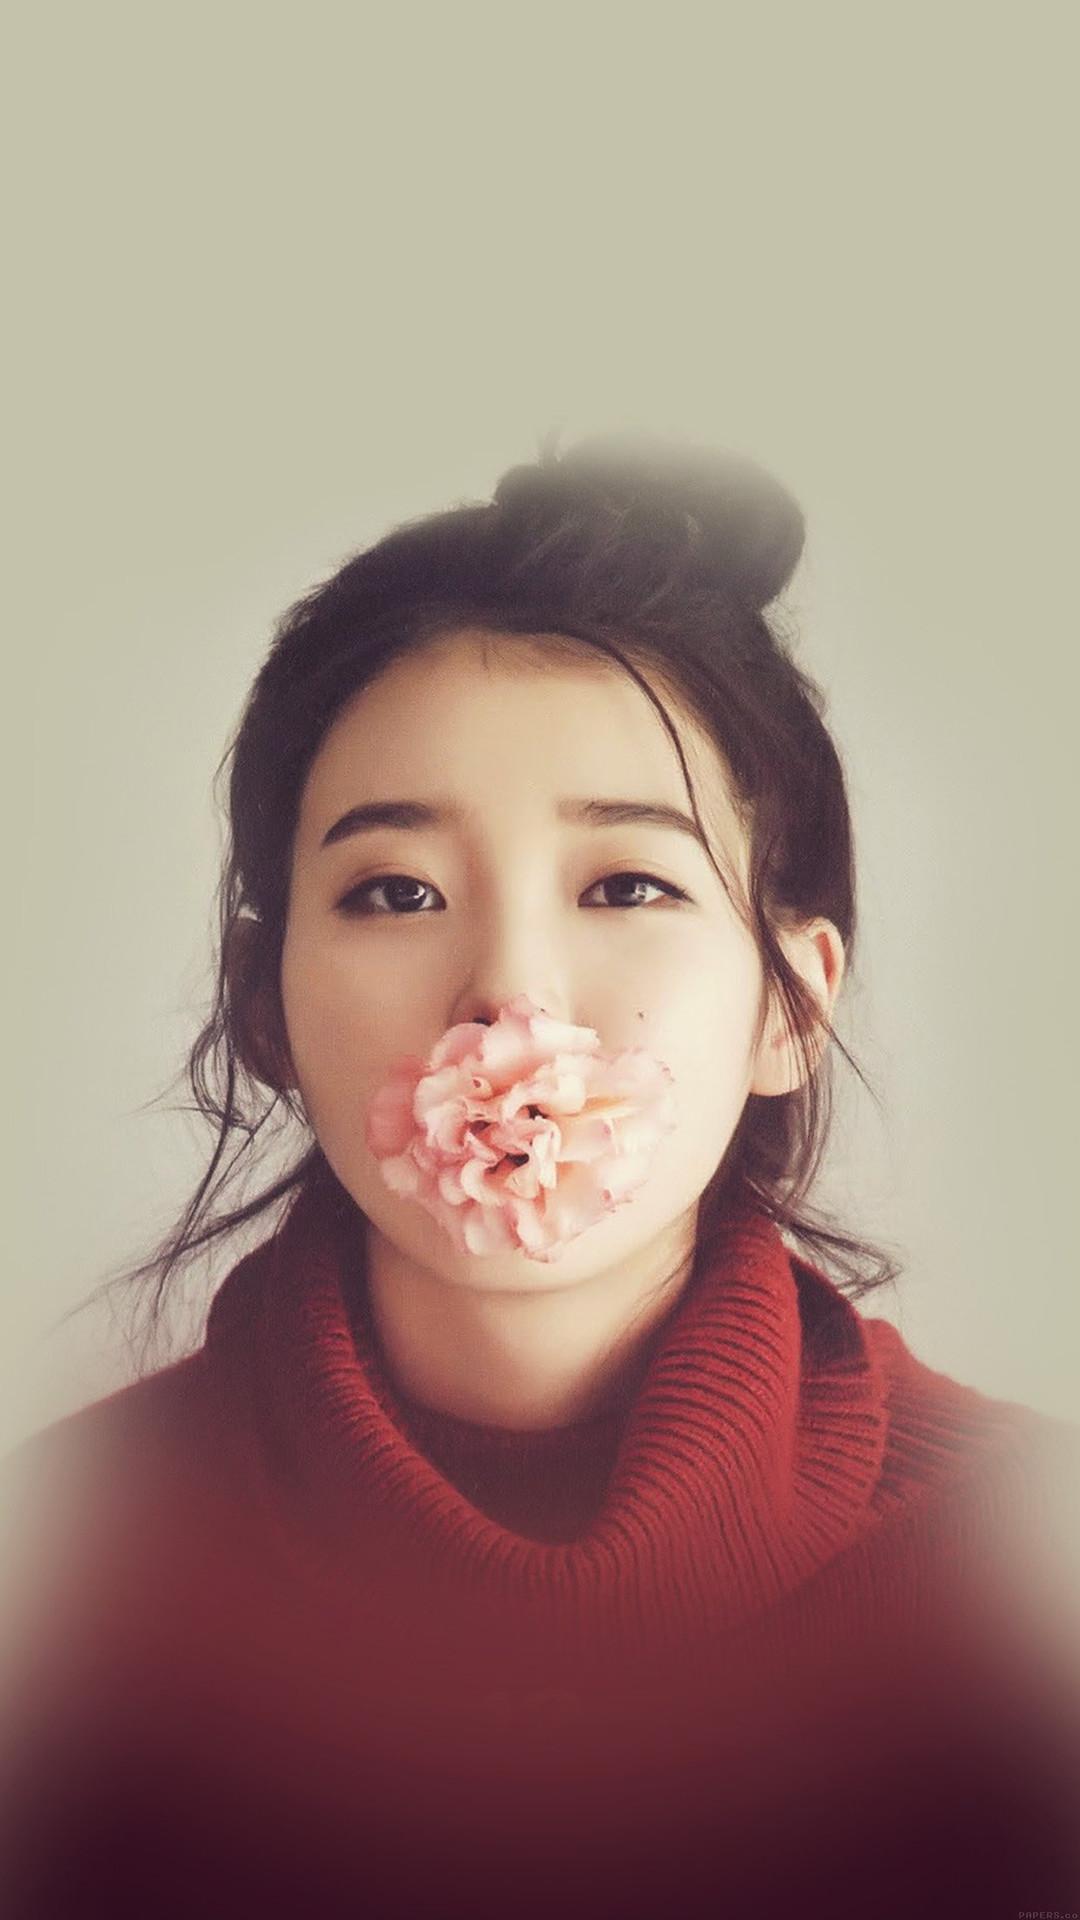 Cute Korean Wallpaper 61 Pictures